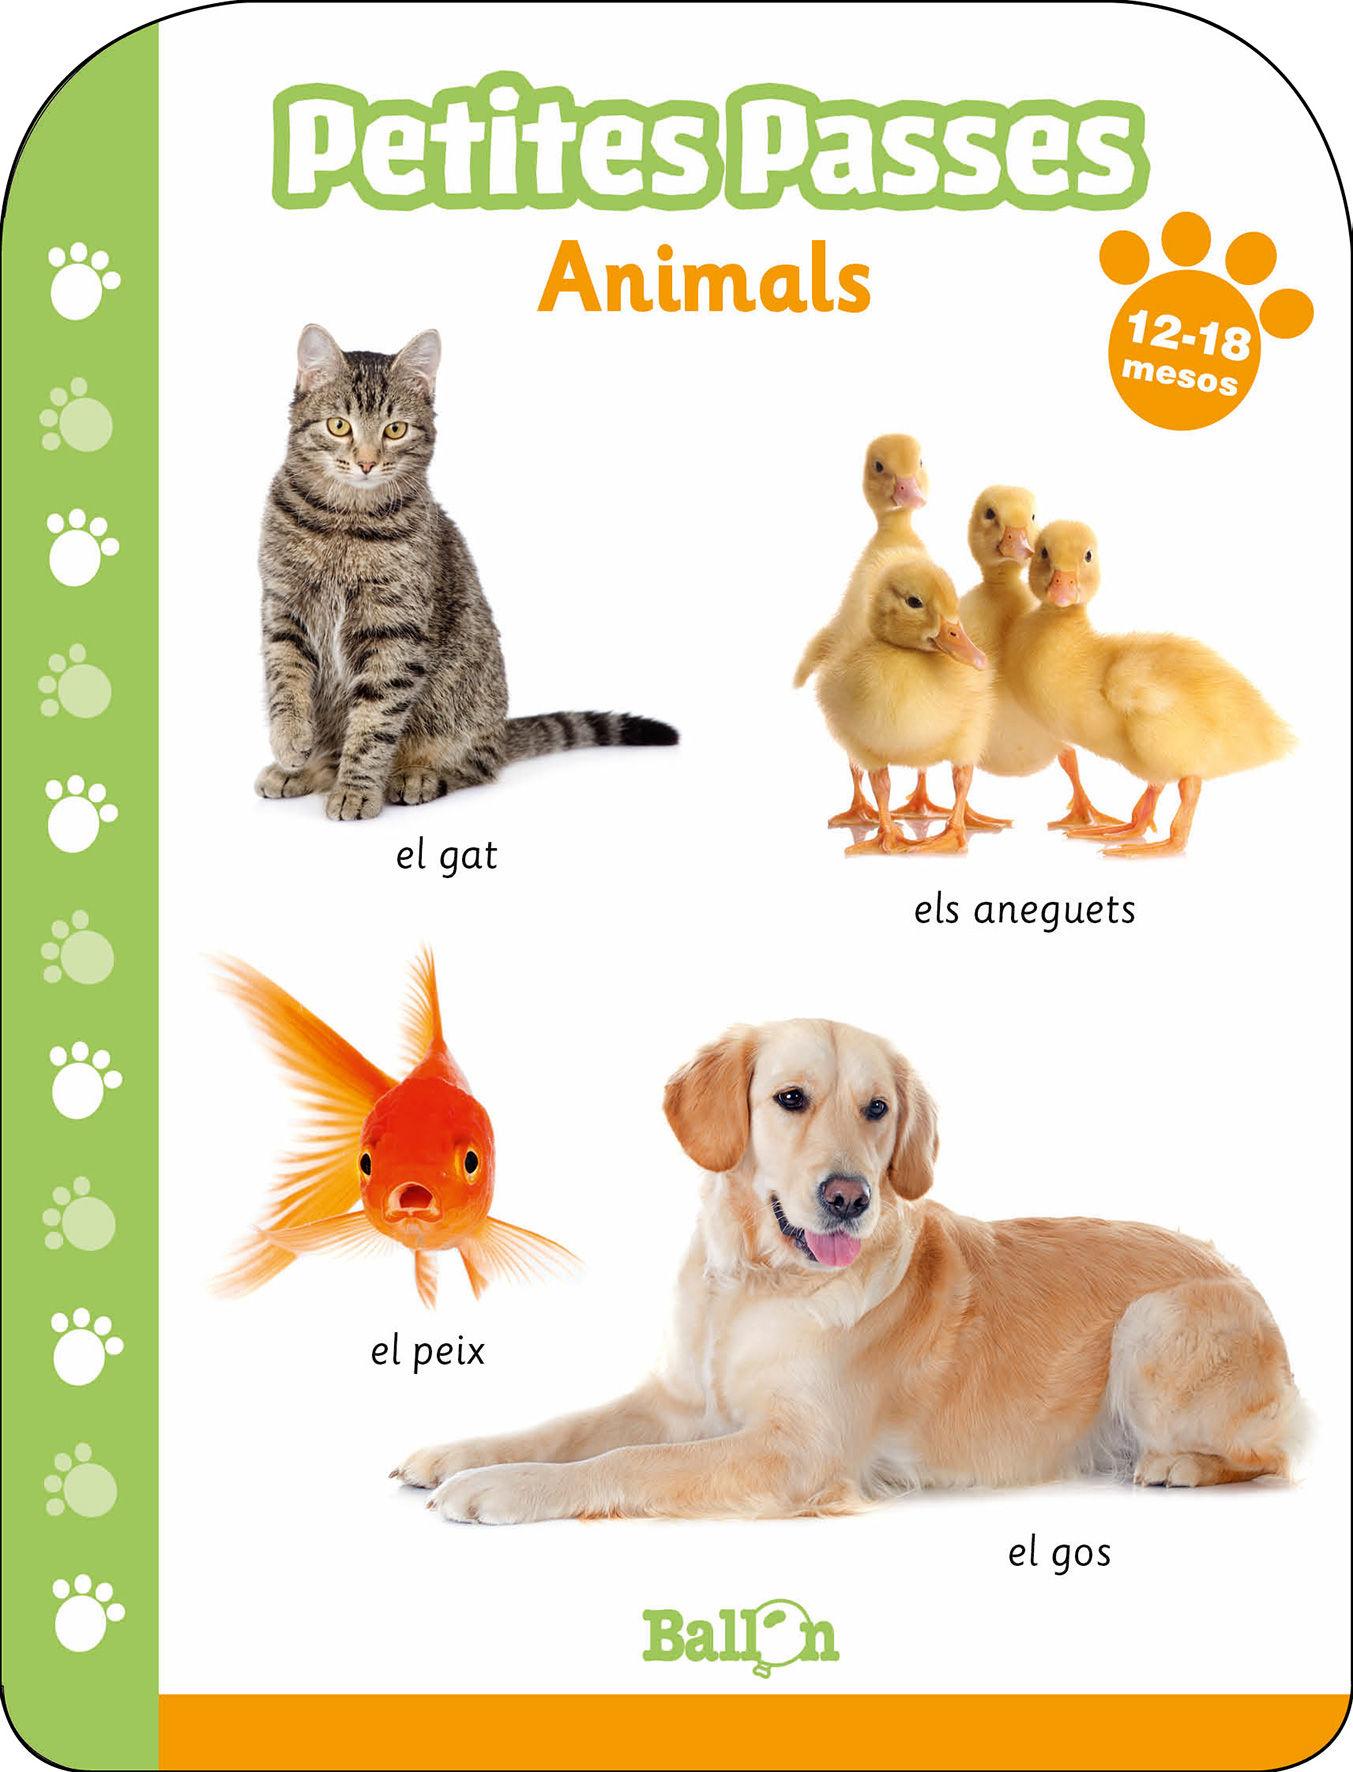 PETITES PASSES - ANIMALS 12-18 MESOS